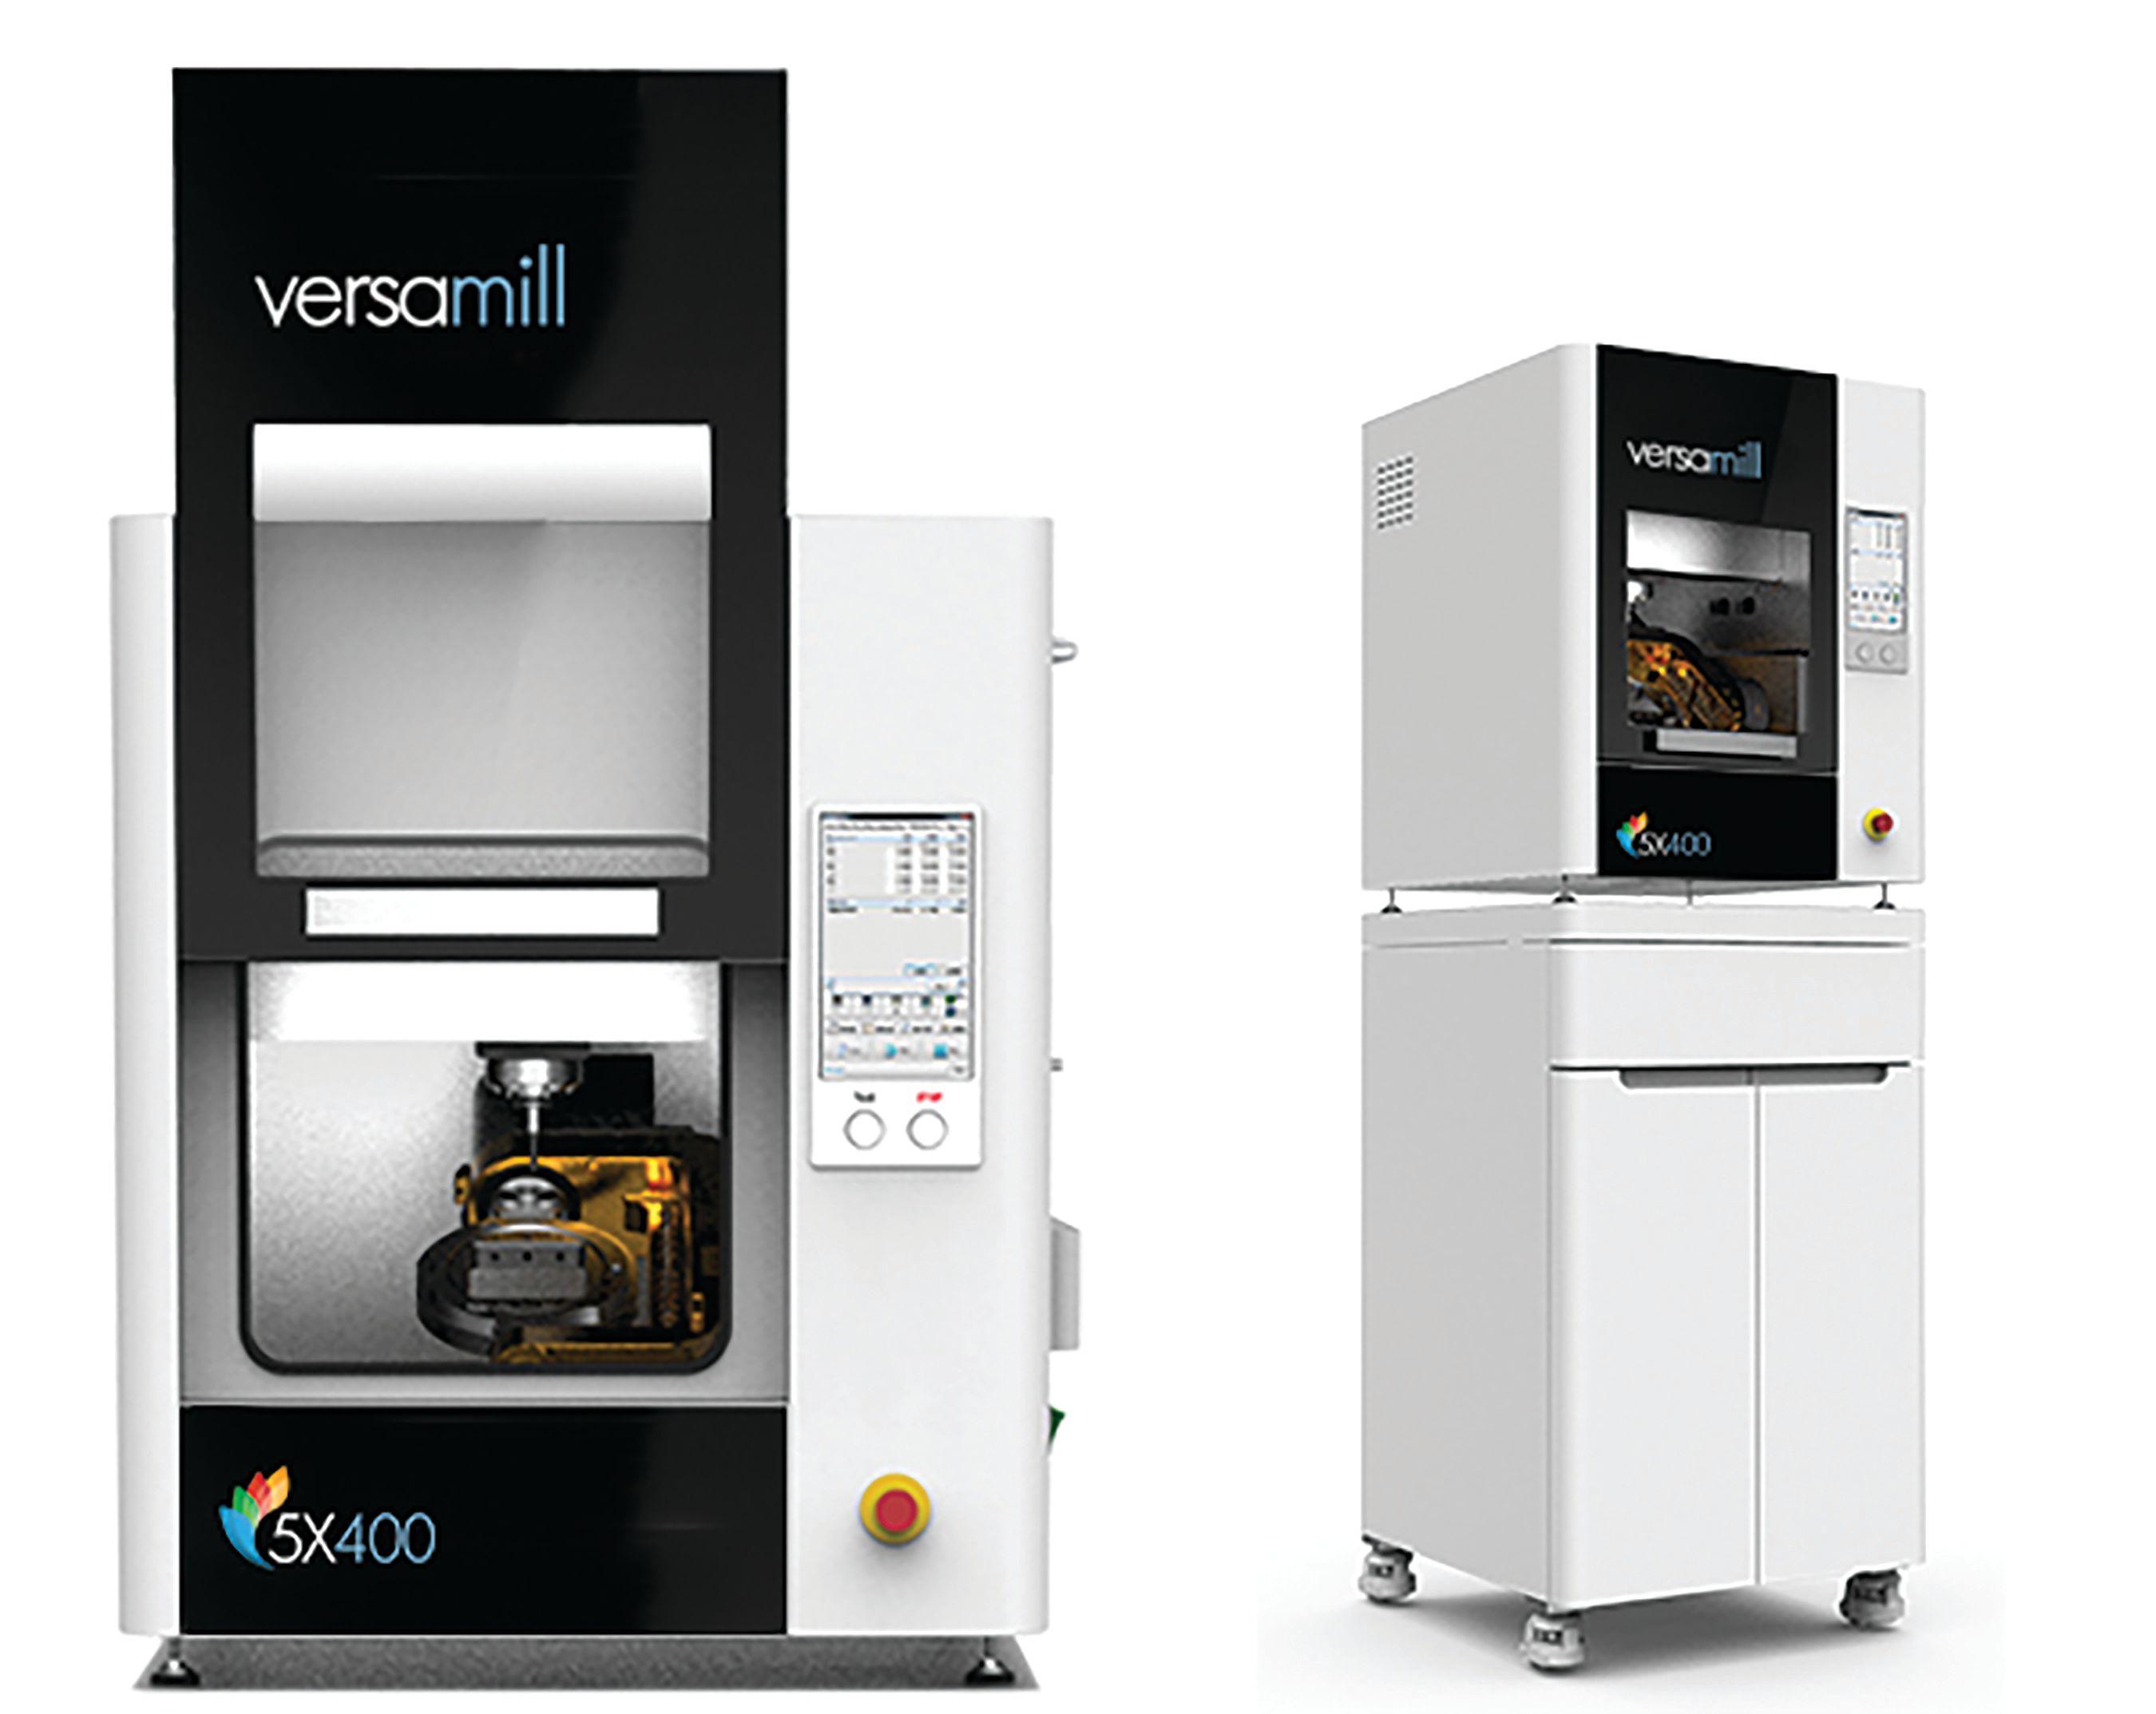 Axsys Versamill 5x400